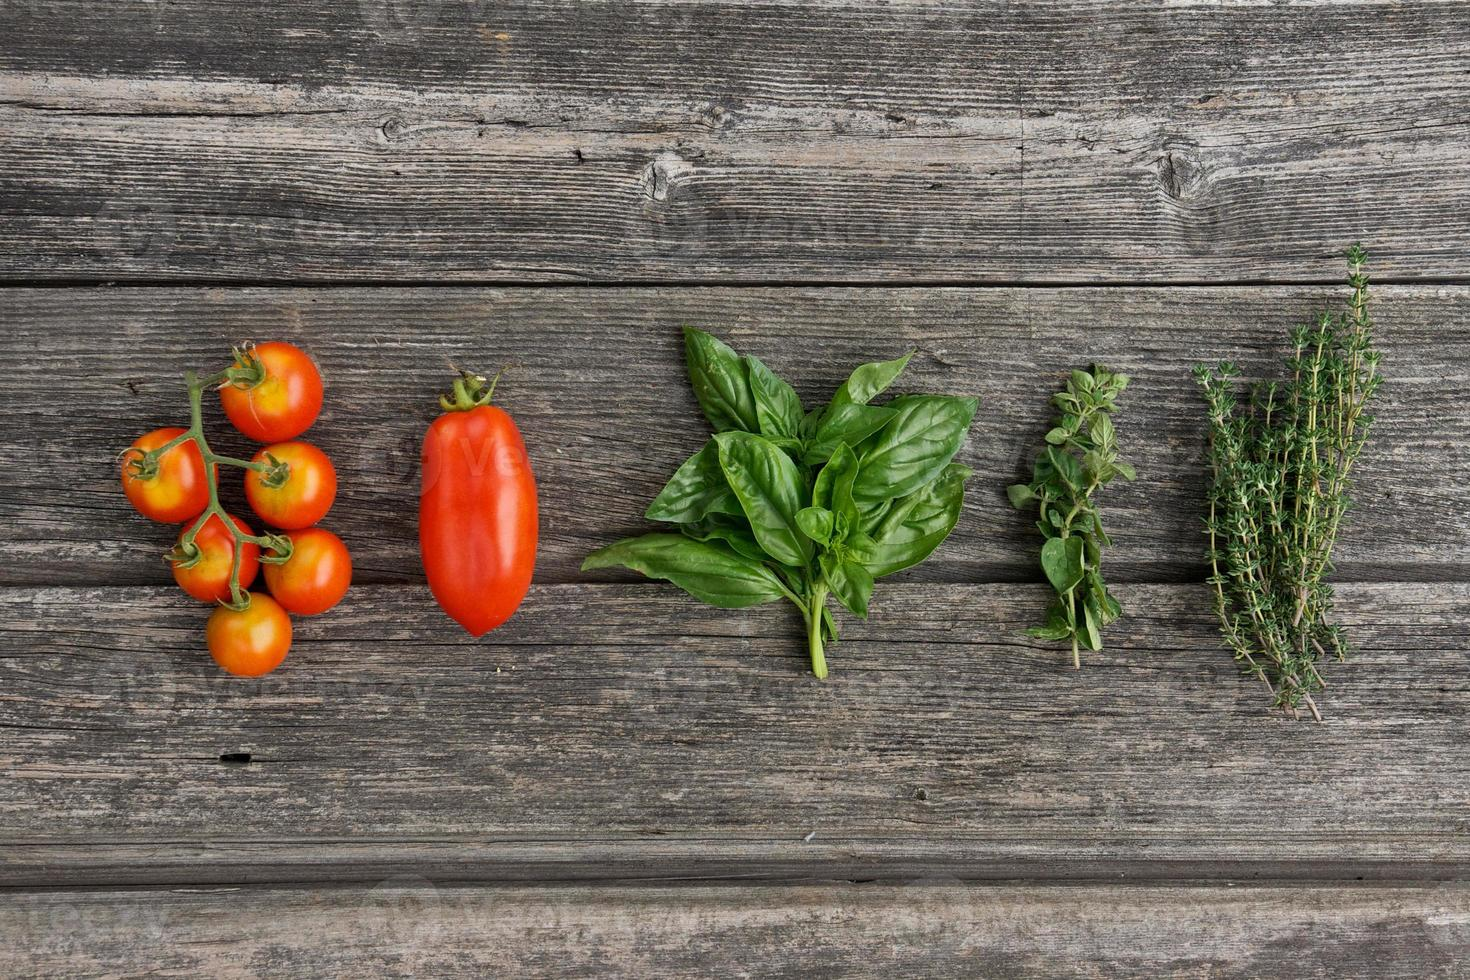 ervas e legumes na placa de madeira foto